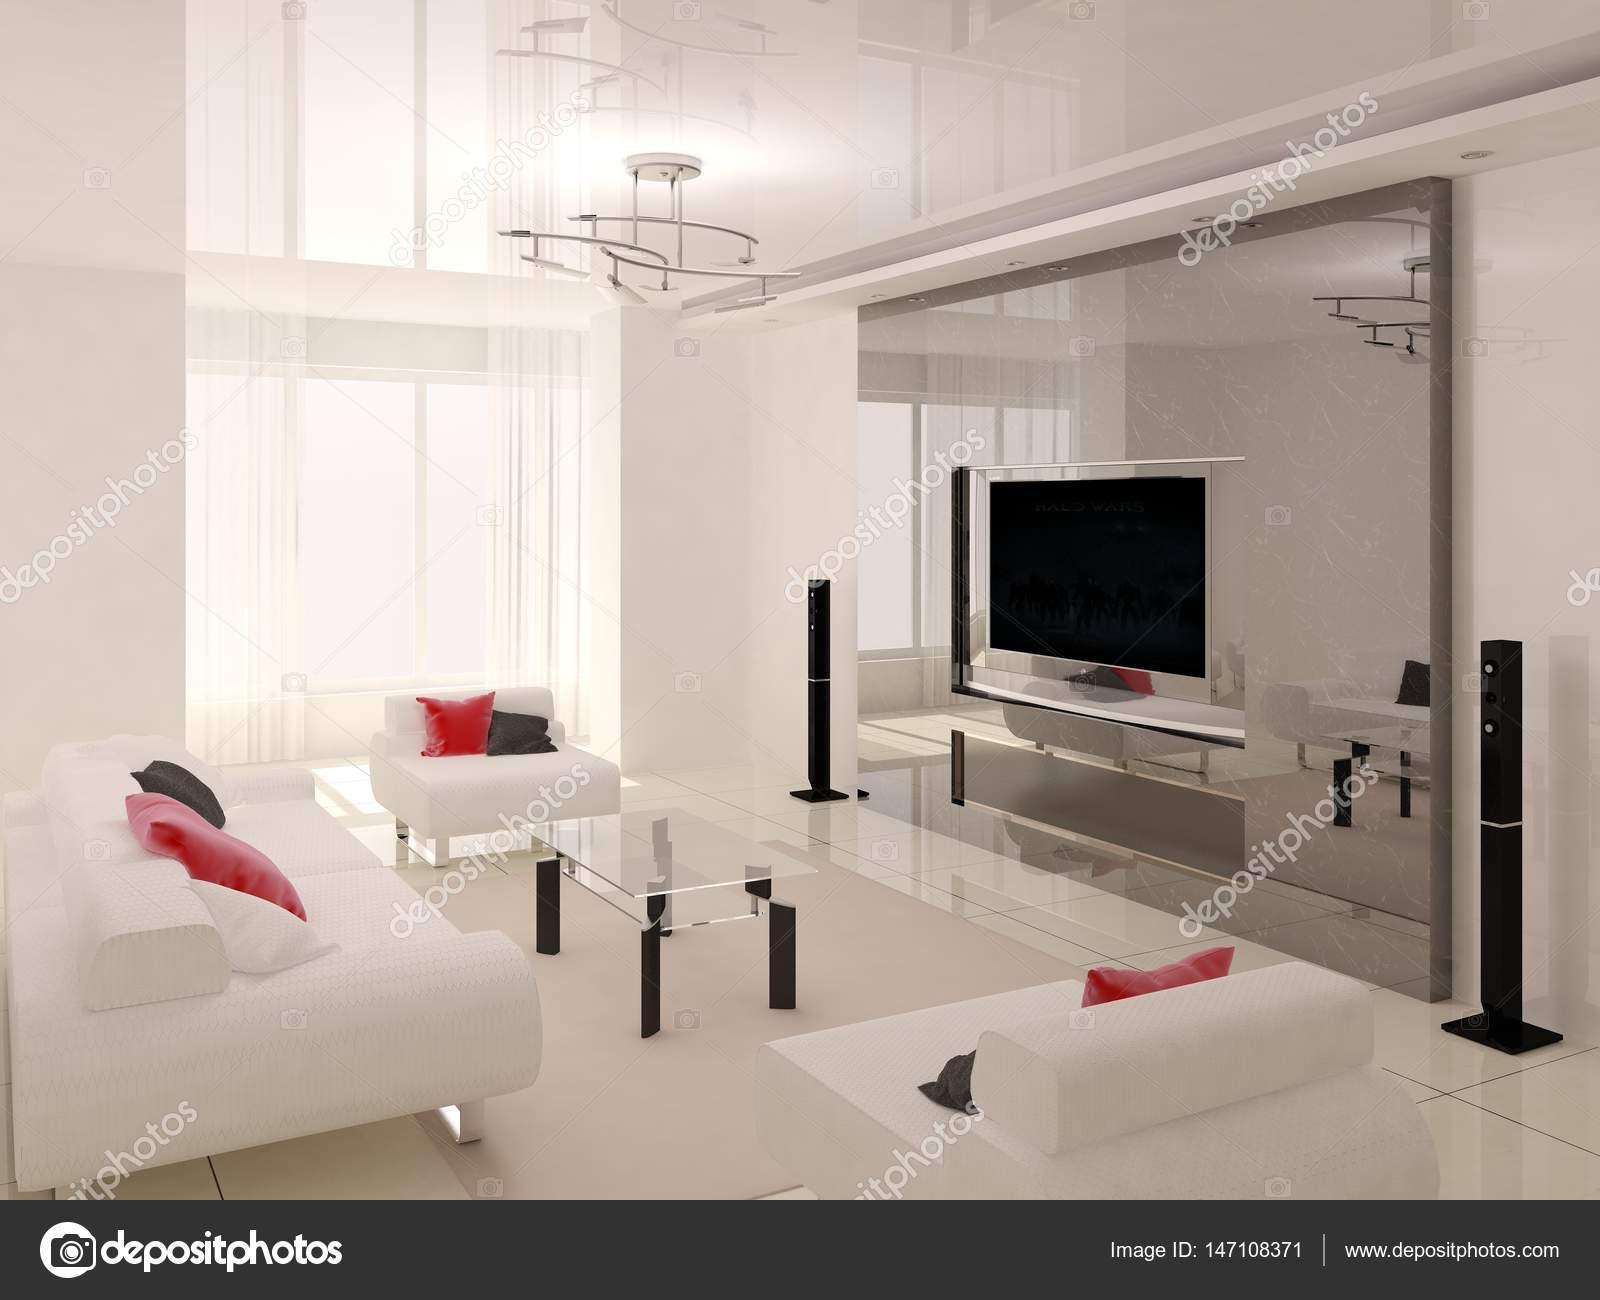 Moderne lichte woonkamer — Stockfoto © wodoplyasov #147108371